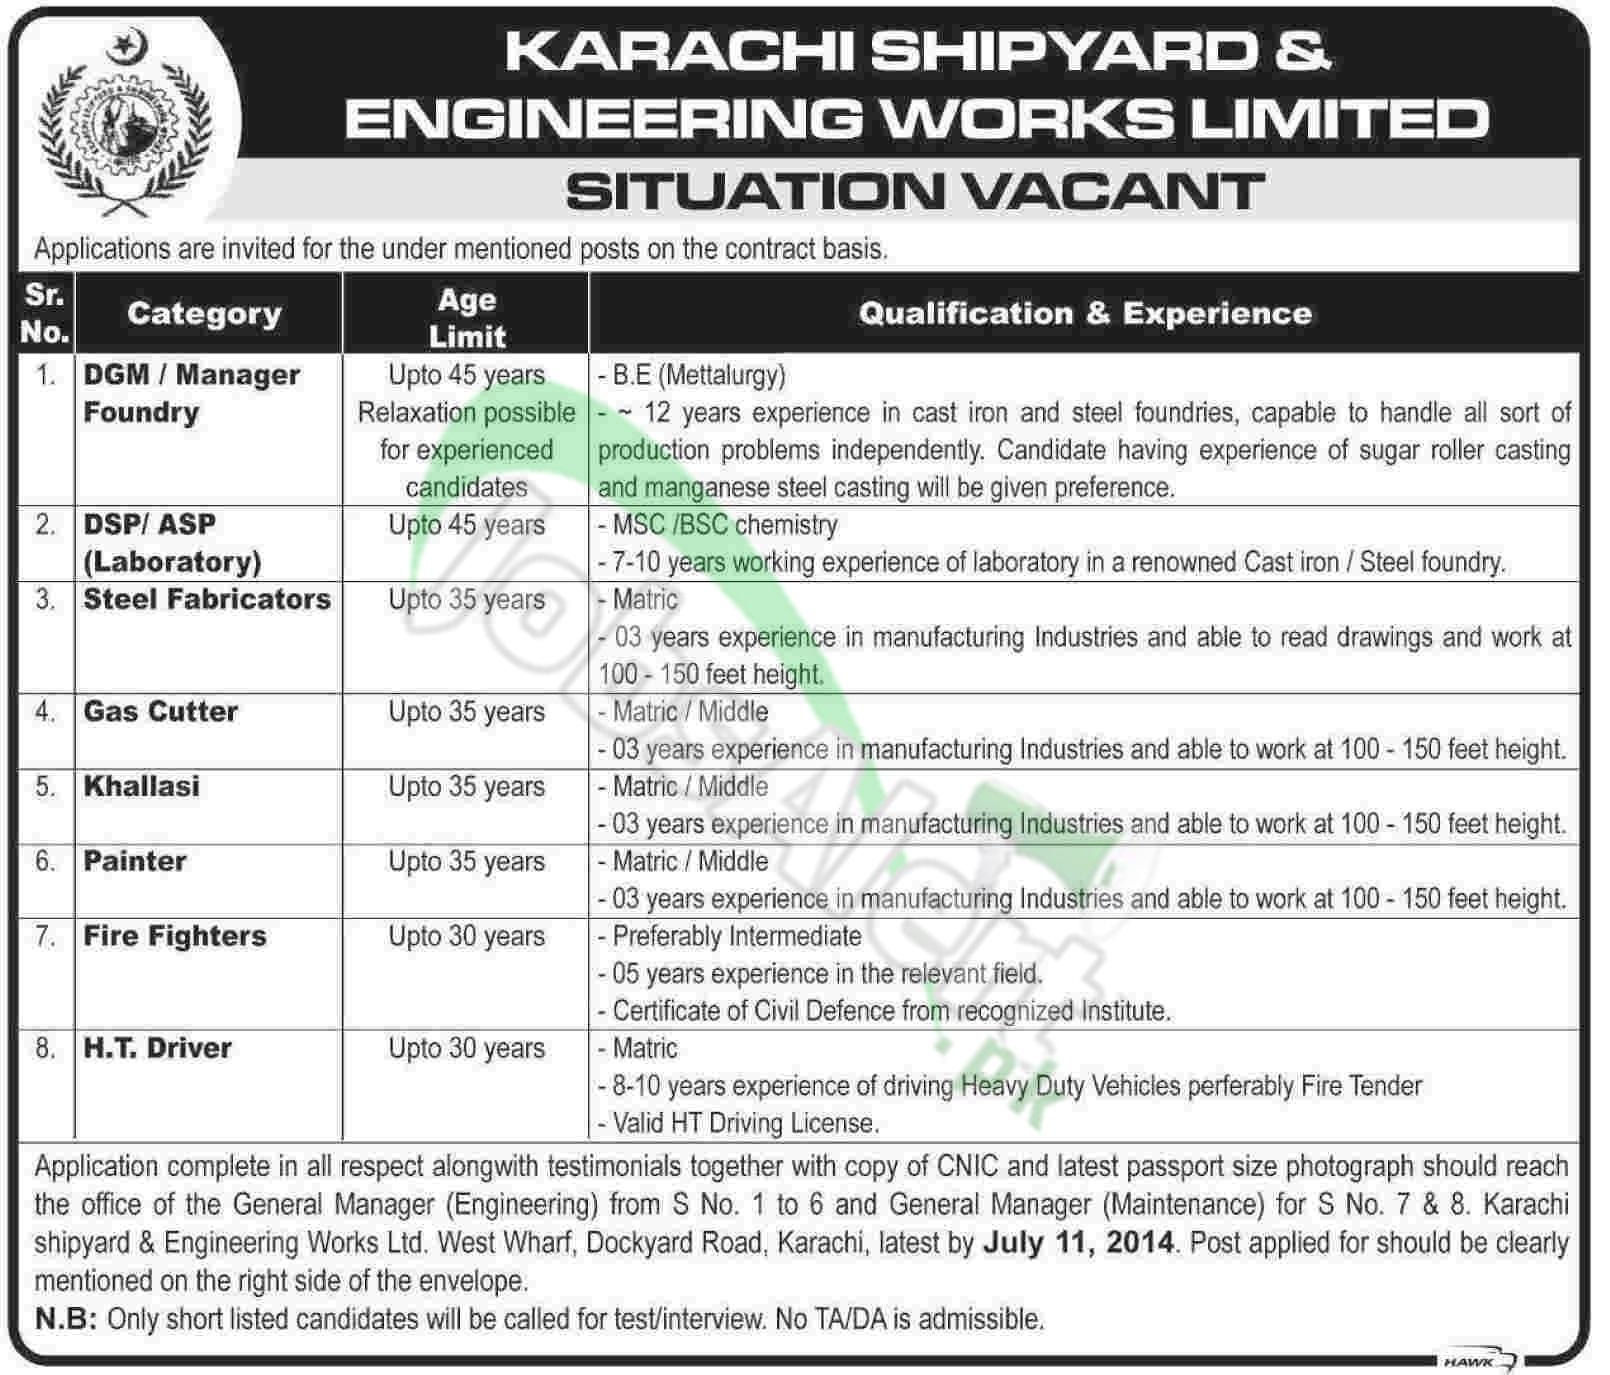 Karachi Shipyard